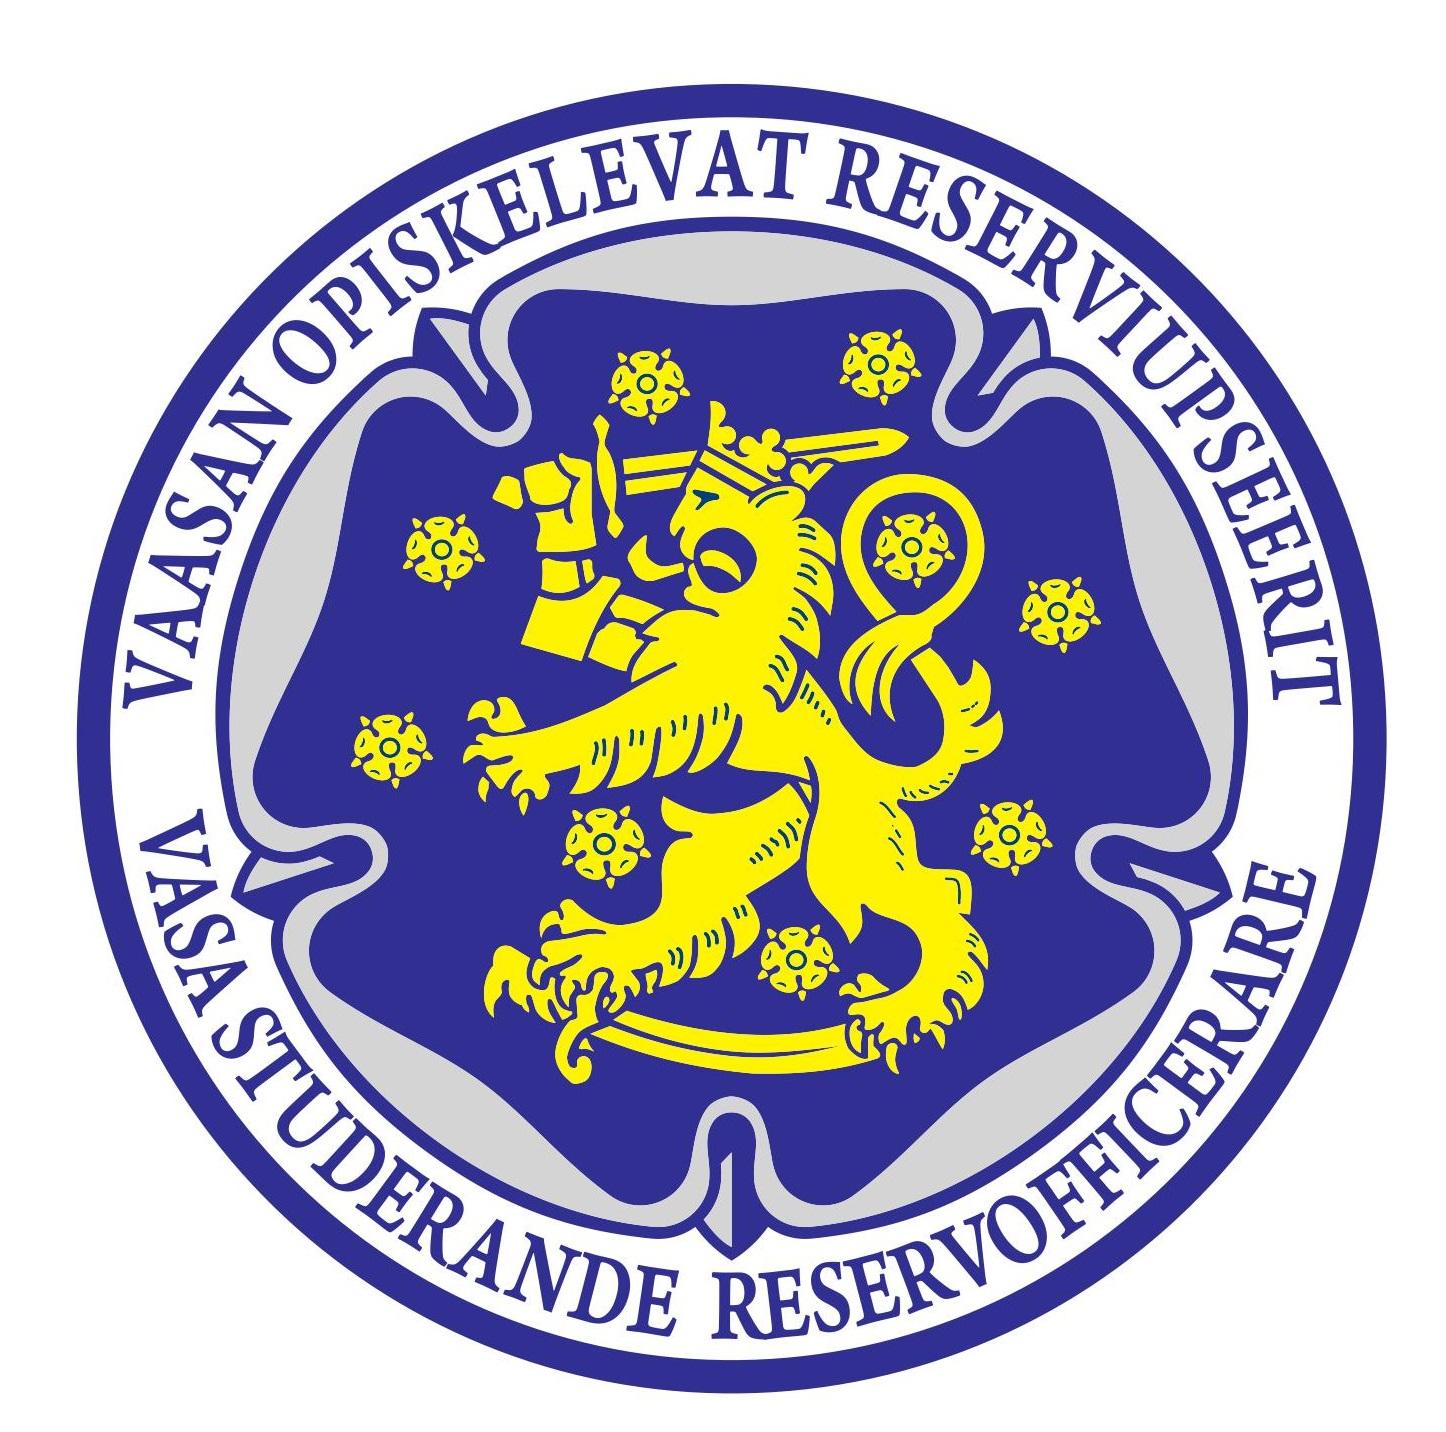 Vaasan Opiskelevien Reserviupseerien logo